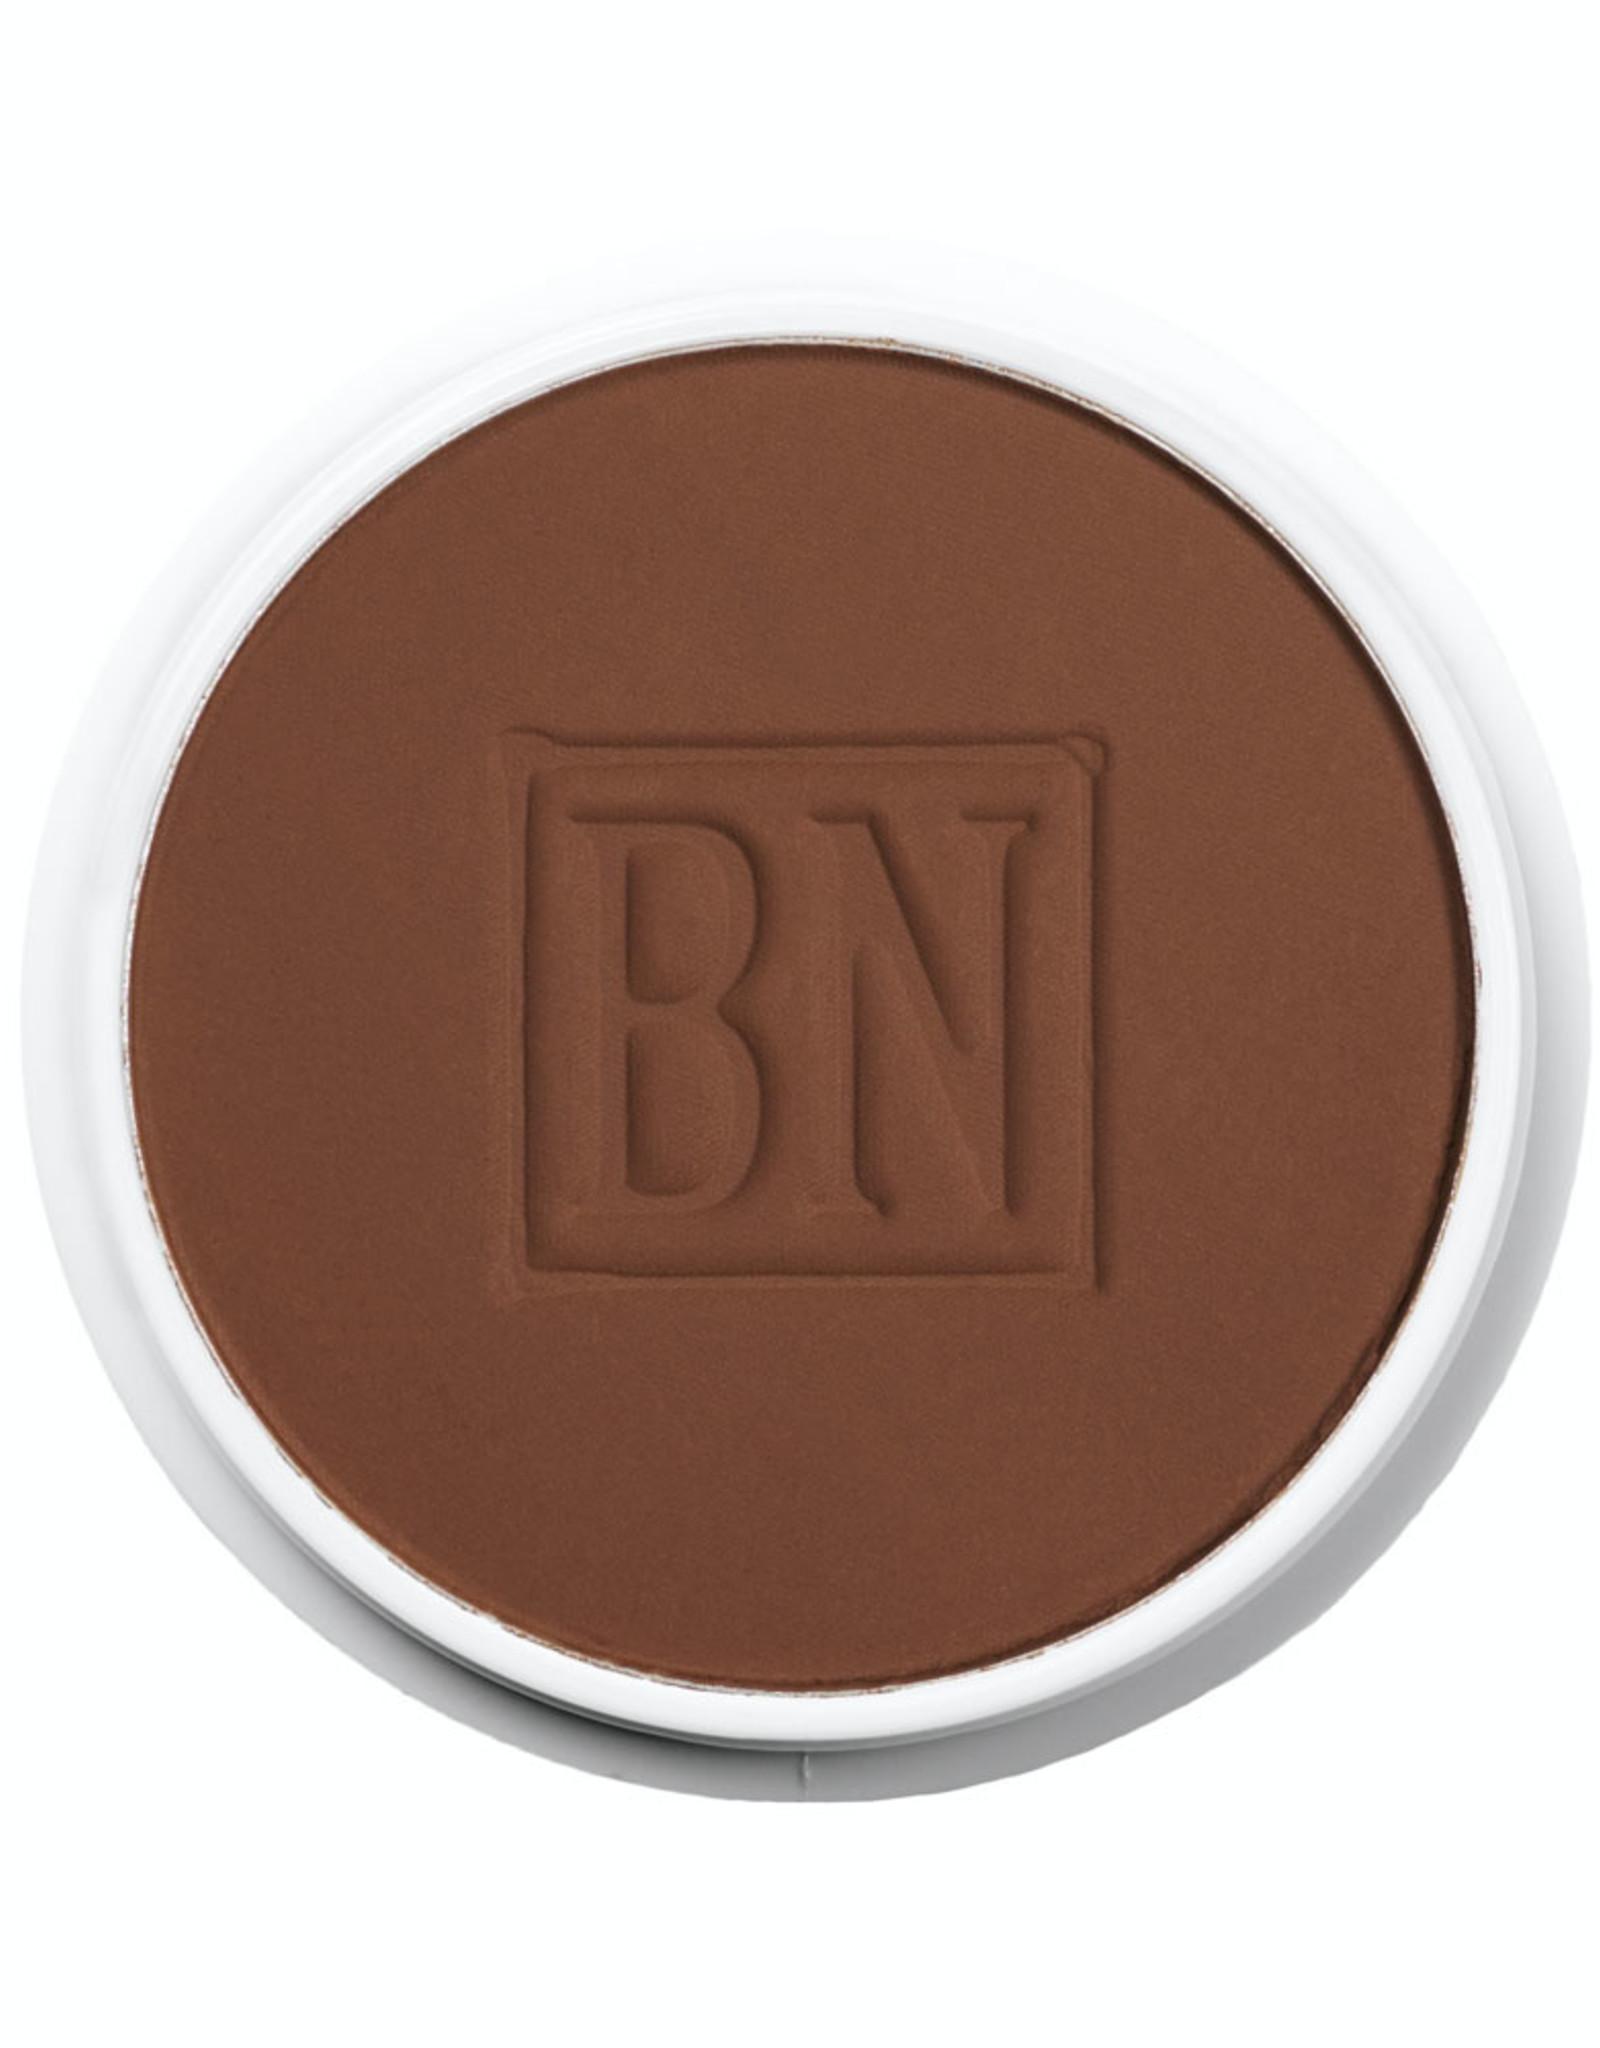 Ben Nye FOUNDATION-CAKE, OLIVE SABLE, 1 OZ